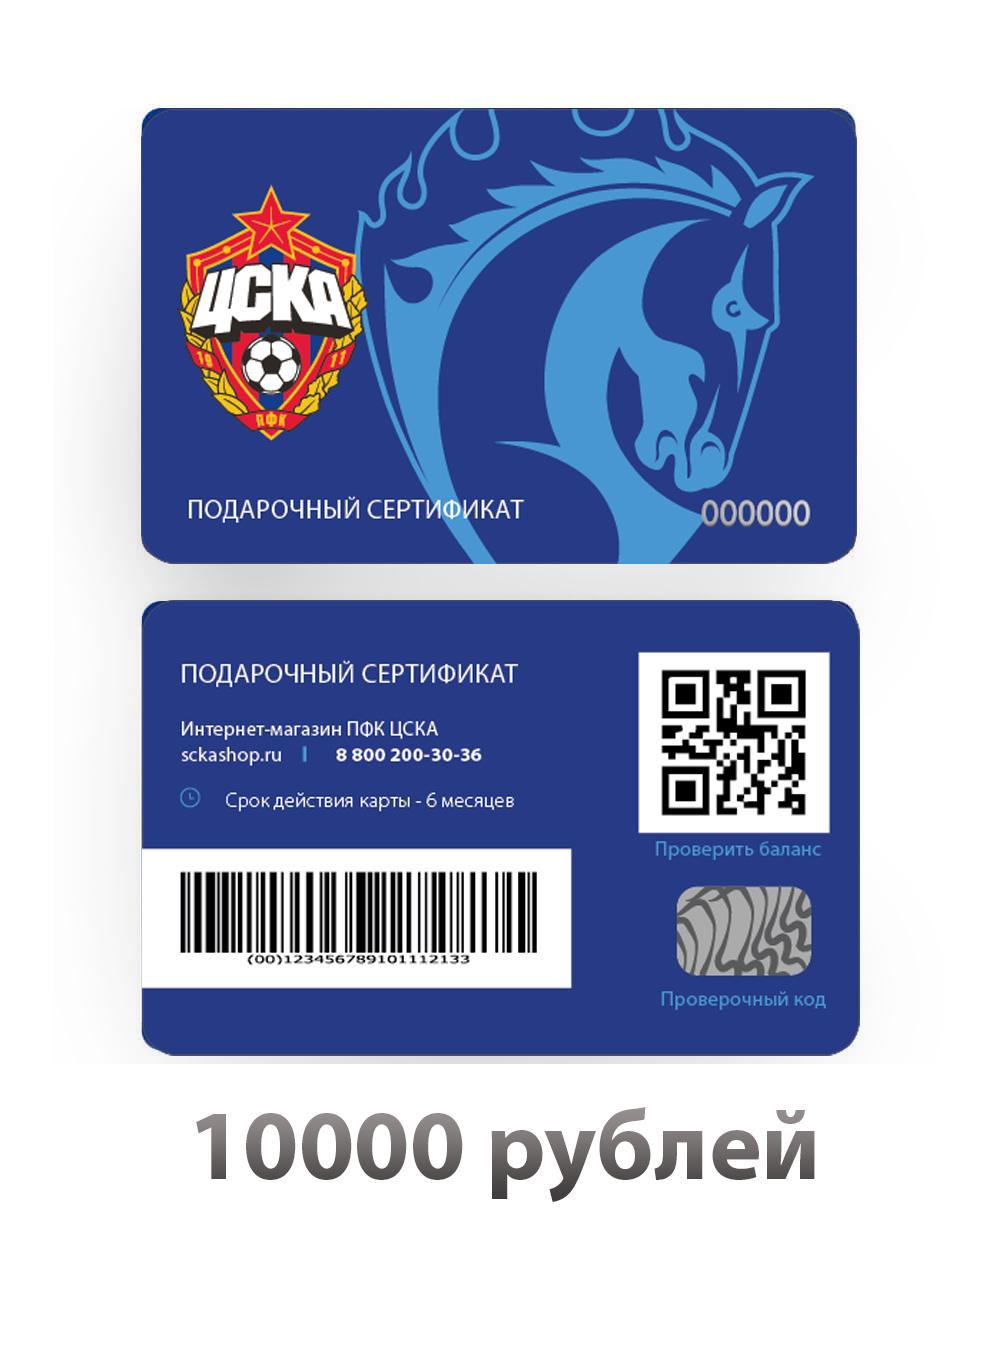 Купить Подарочный сертификат на 10000 рублей (Подарочная карта на 10000 рублей) по Нижнему Новгороду